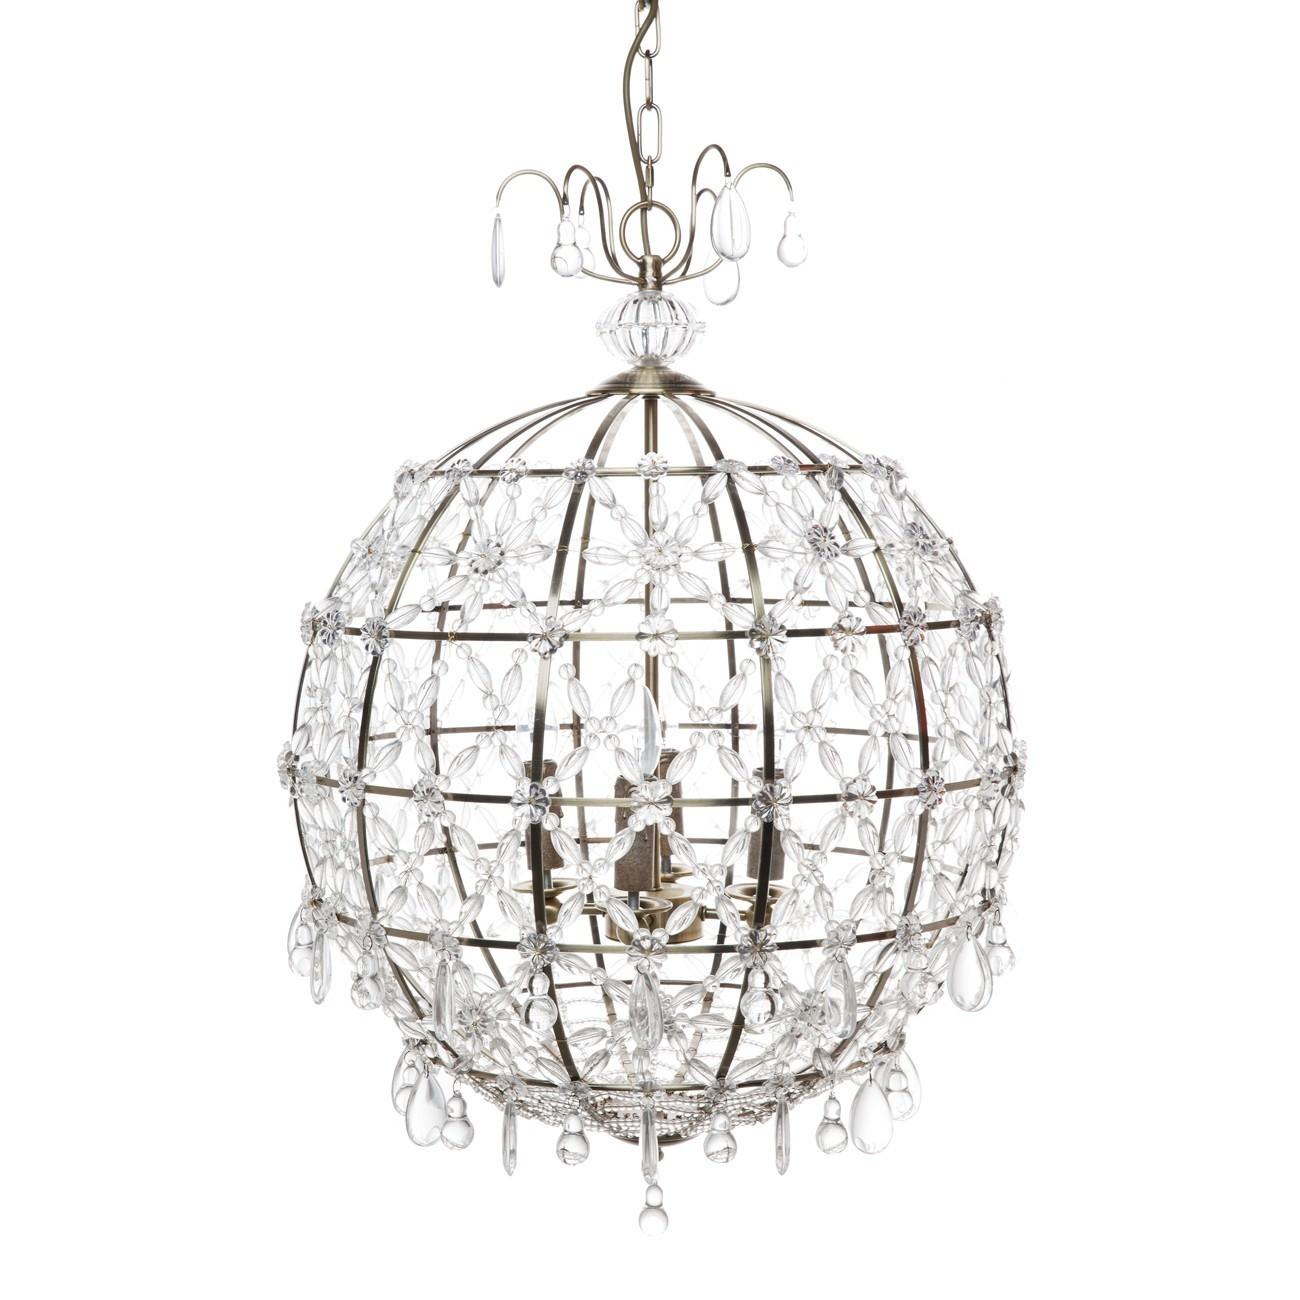 Saunders Metal & Crystal Globe Pendant Light